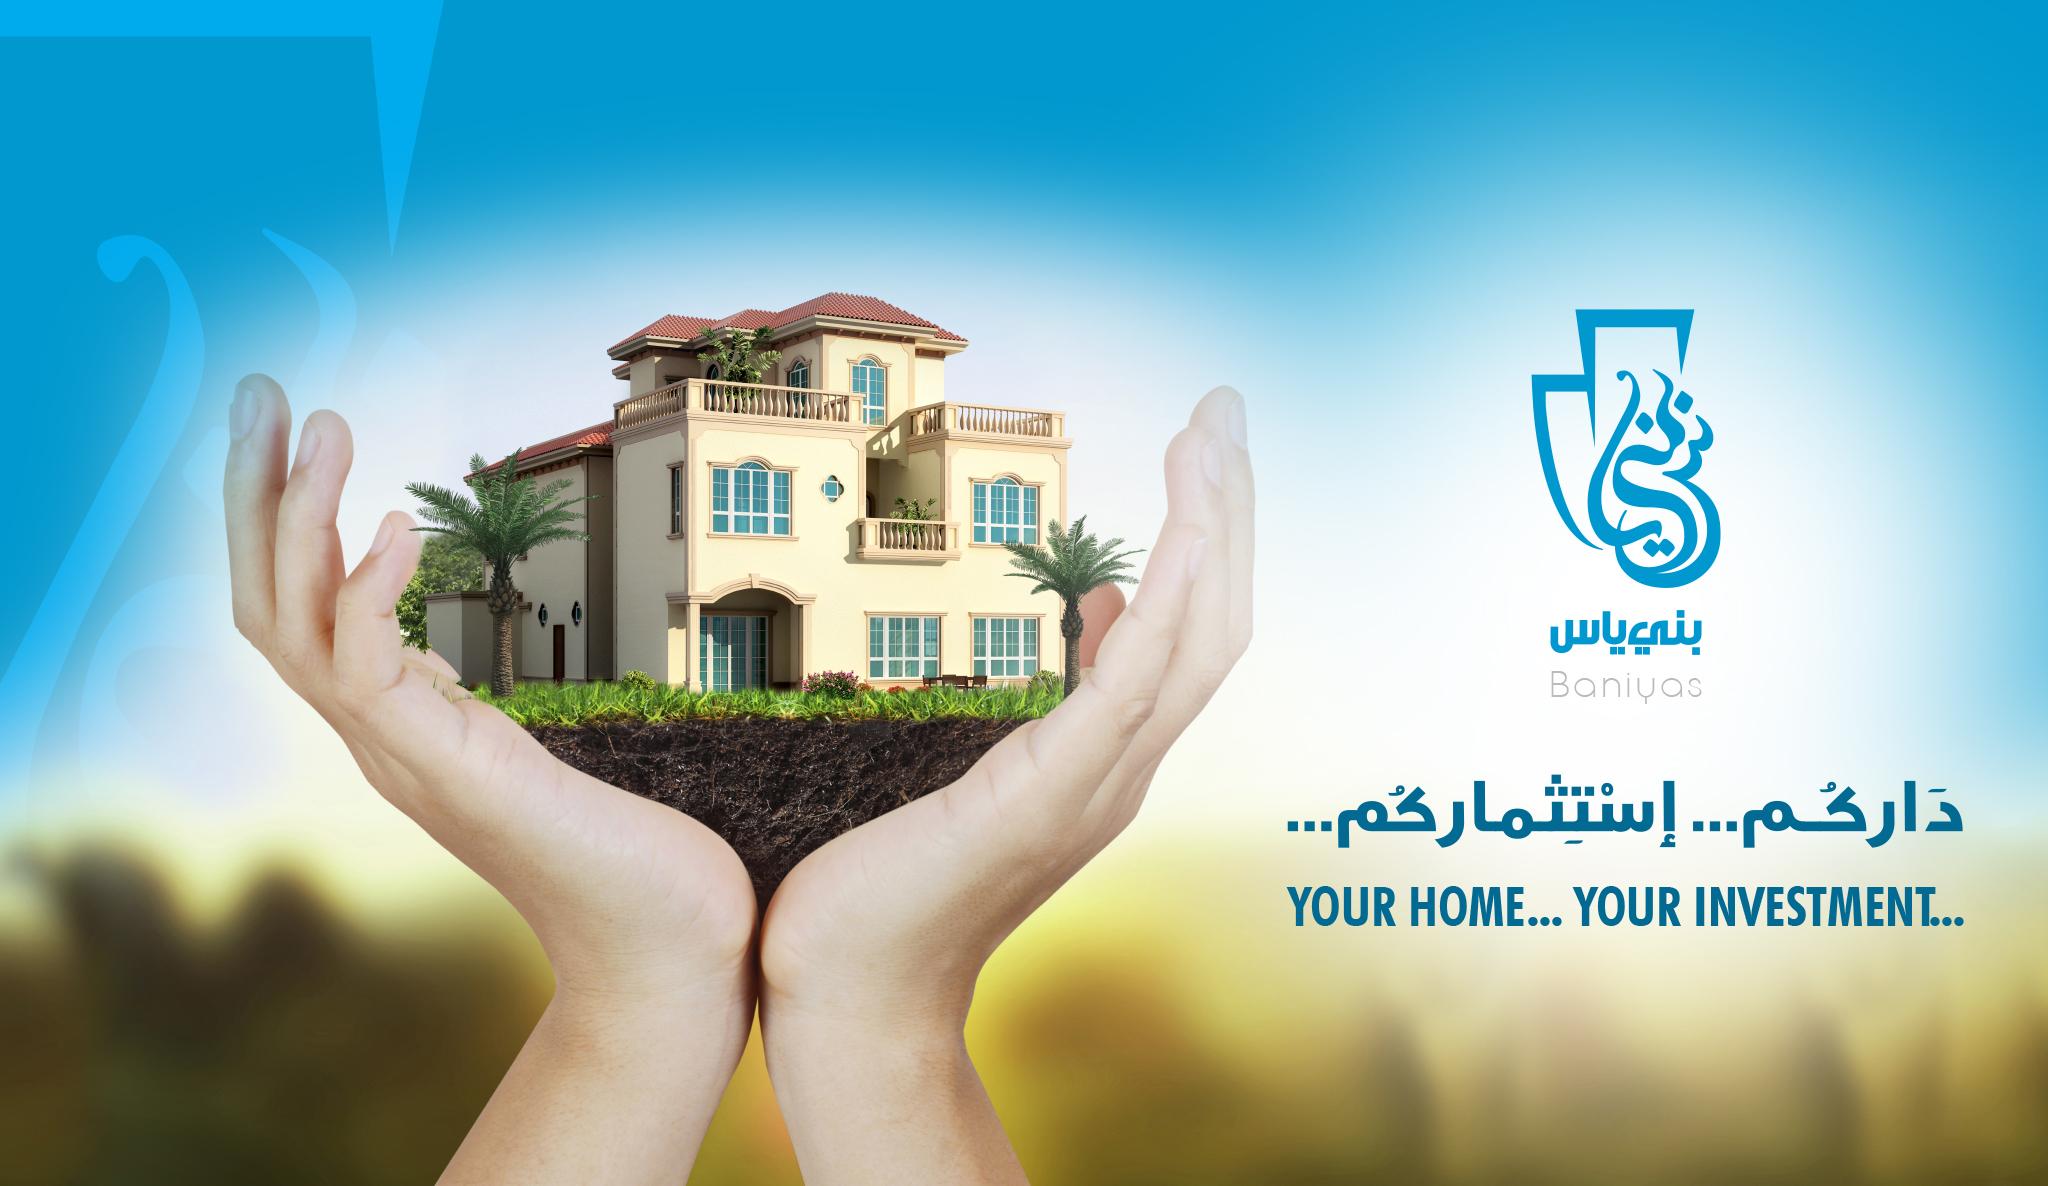 Baniyas | Home